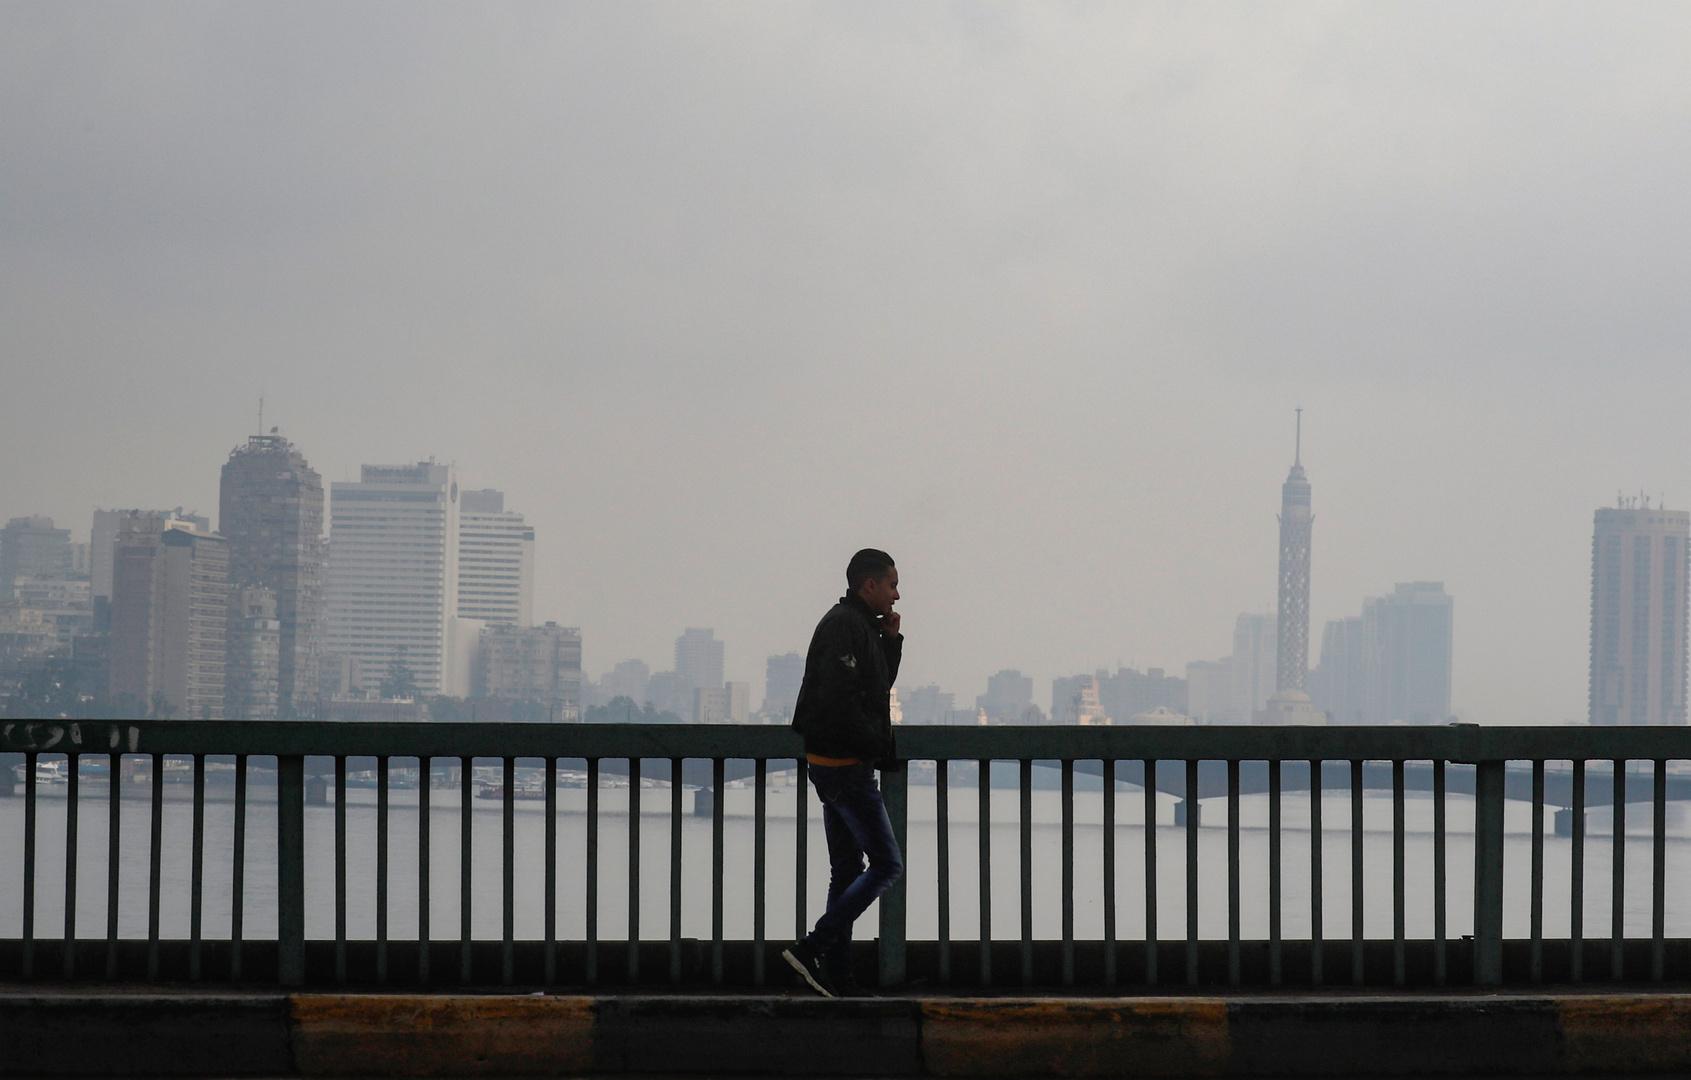 مصر.. الحكومة تطلب من المواطنين البقاء في المنازل